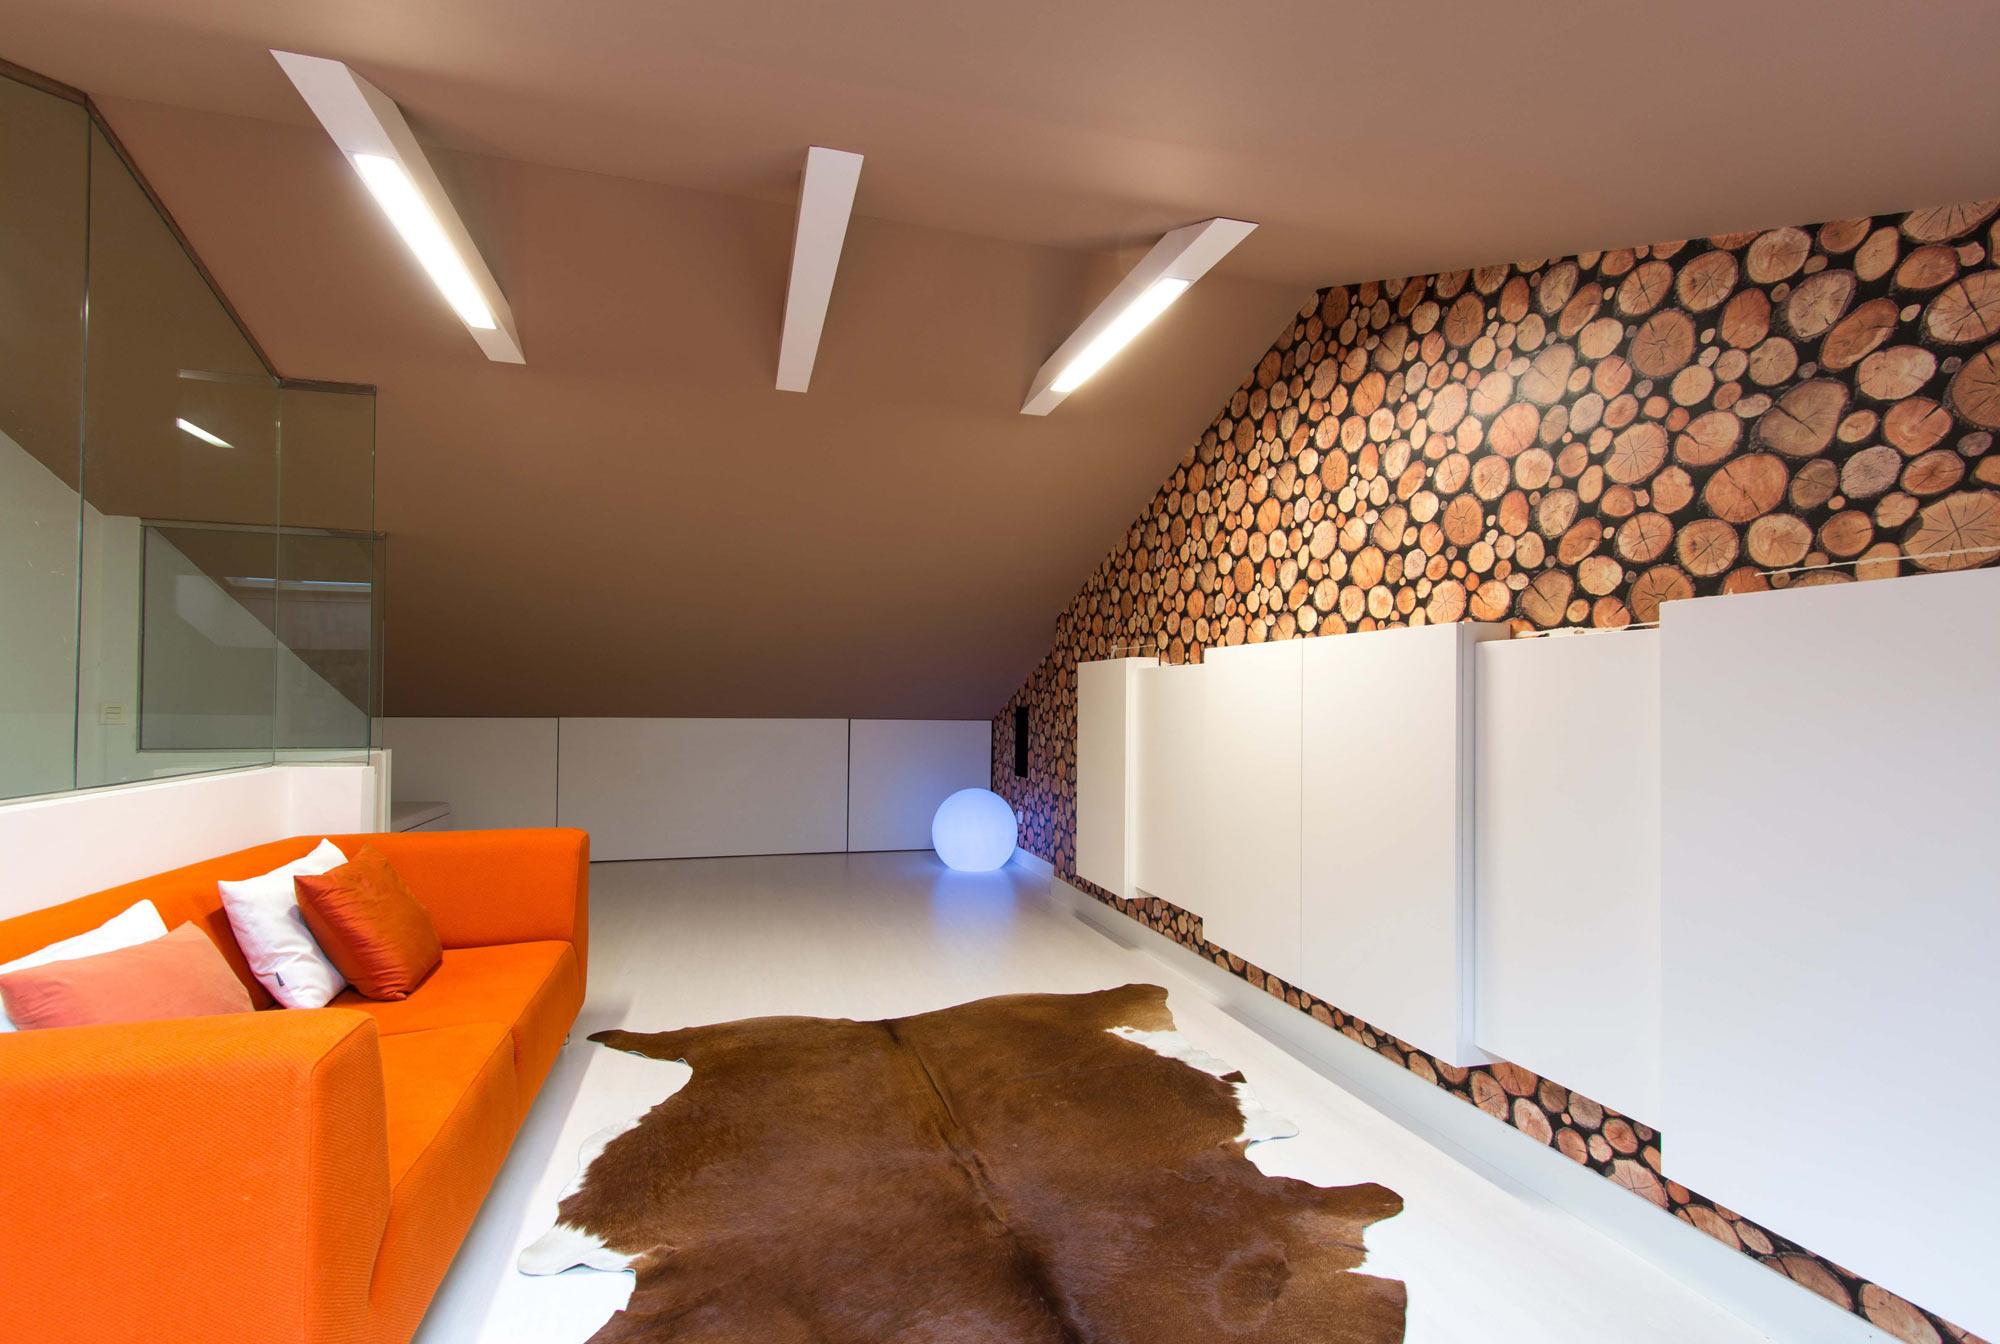 Adosado estilo n rdico interdecor bilbao - Como pintar un techo ...